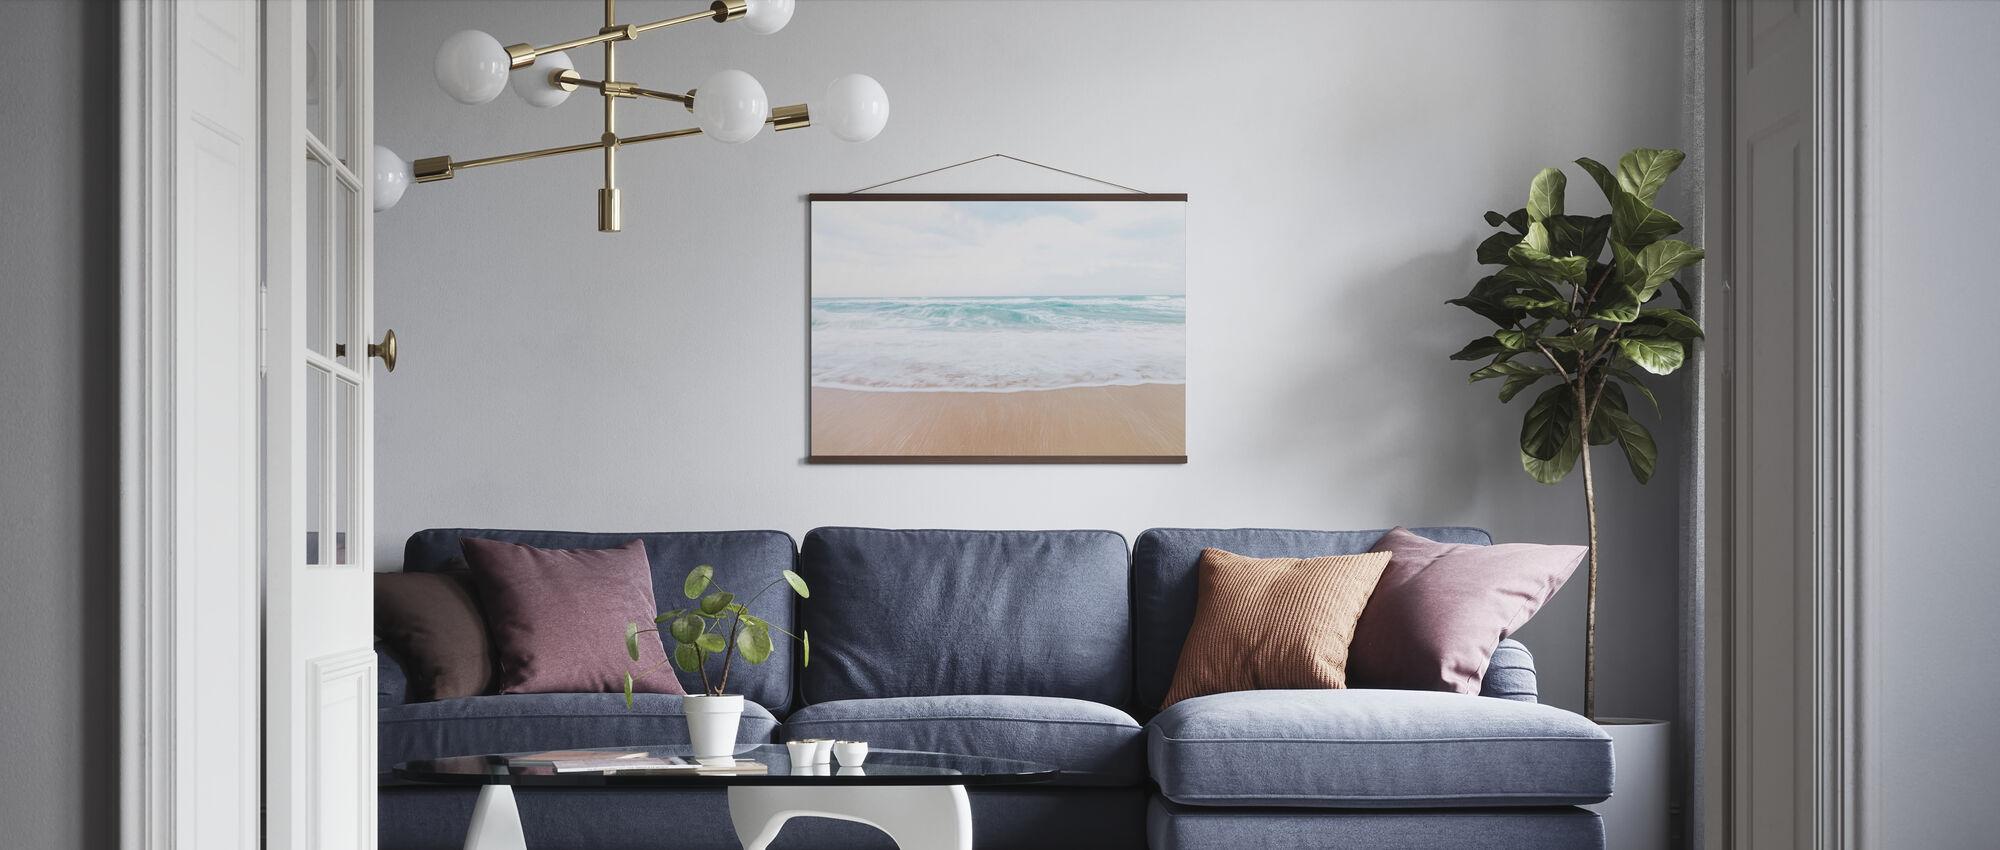 Shoreline - Poster - Living Room